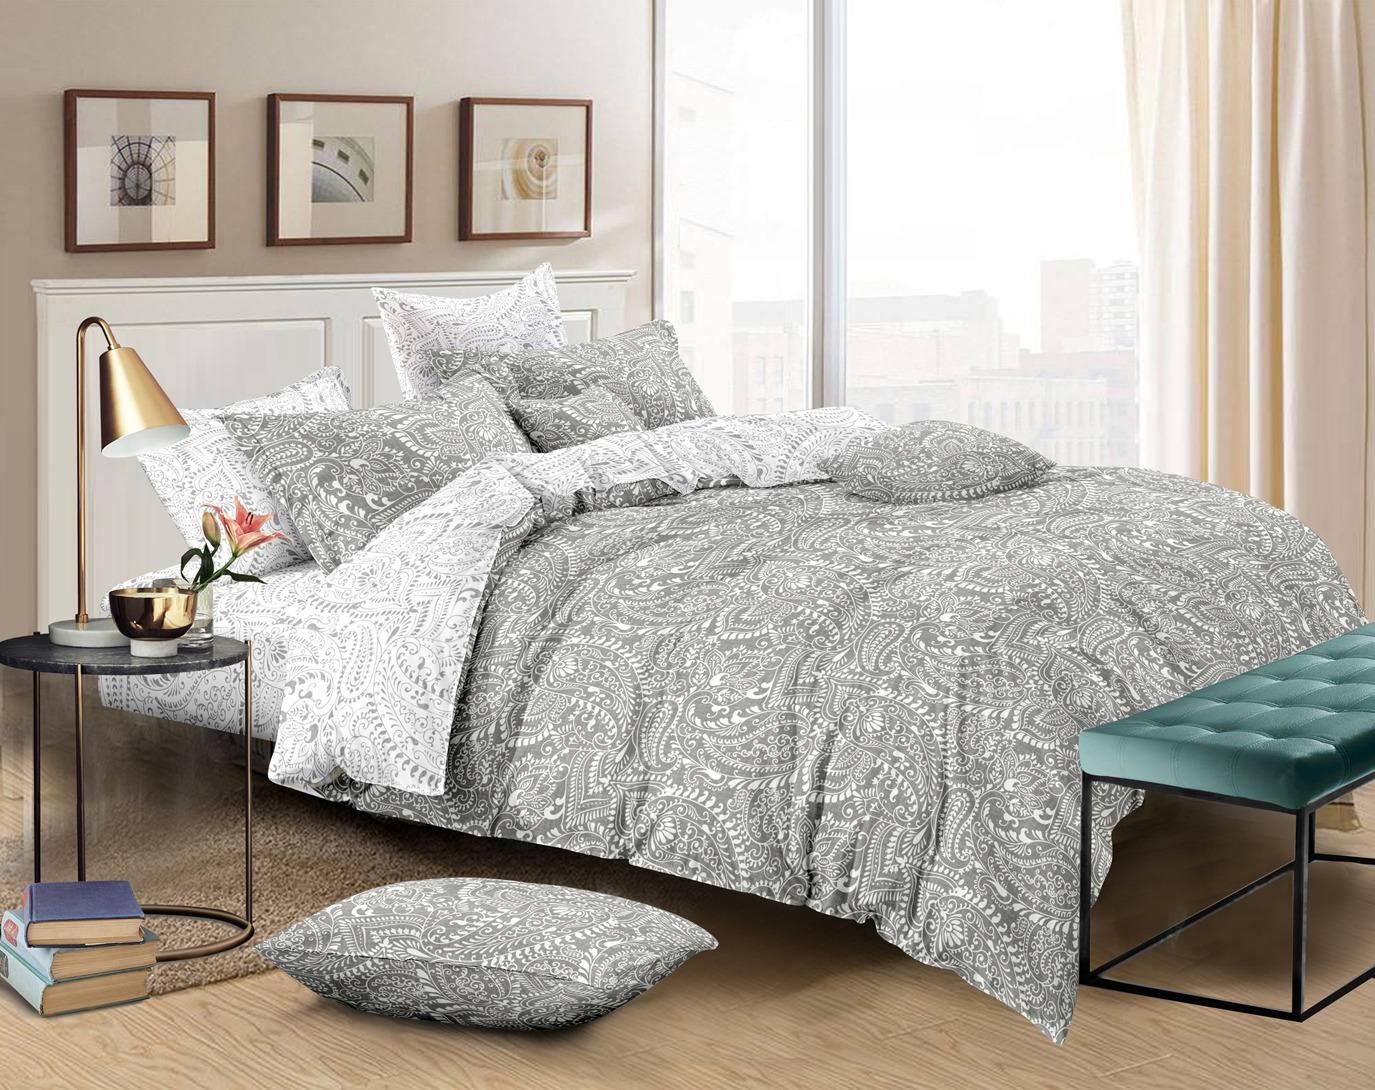 цена Комплект постельного белья Amore Mio Gold Amber, 7845, бежевый, 2-спальный, наволочки 70x70 онлайн в 2017 году